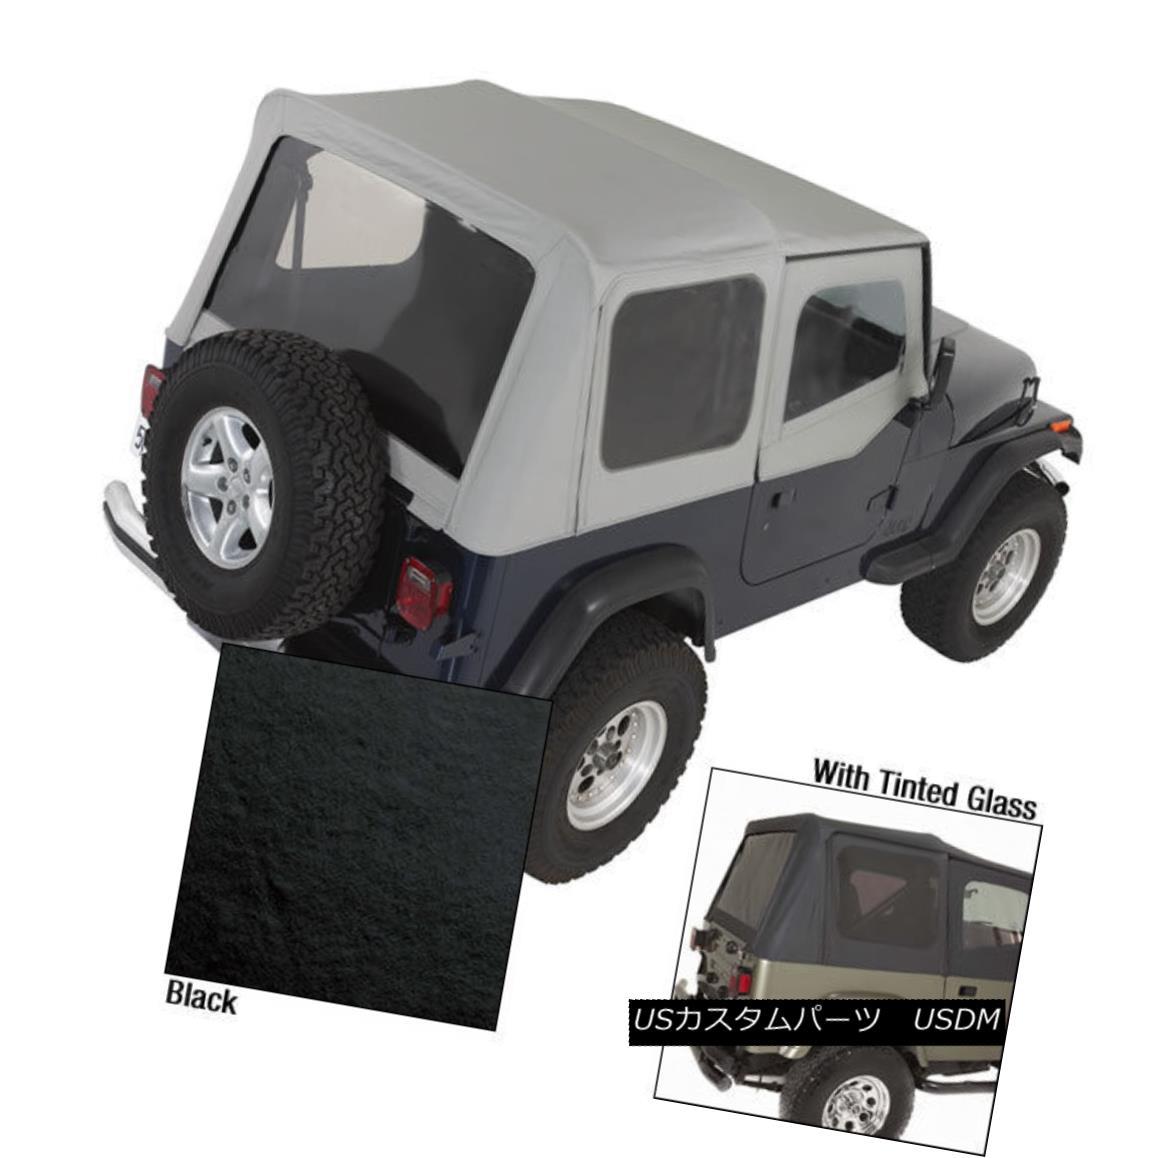 幌・ソフトトップ Soft Top, Door Skins, Black, Tinted Windows; 88-95 Jeep Wrangler YJ ソフトトップ、ドアスキン、ブラック、ティンテッドウィンドウ; 88-95ジープラングラーYJ